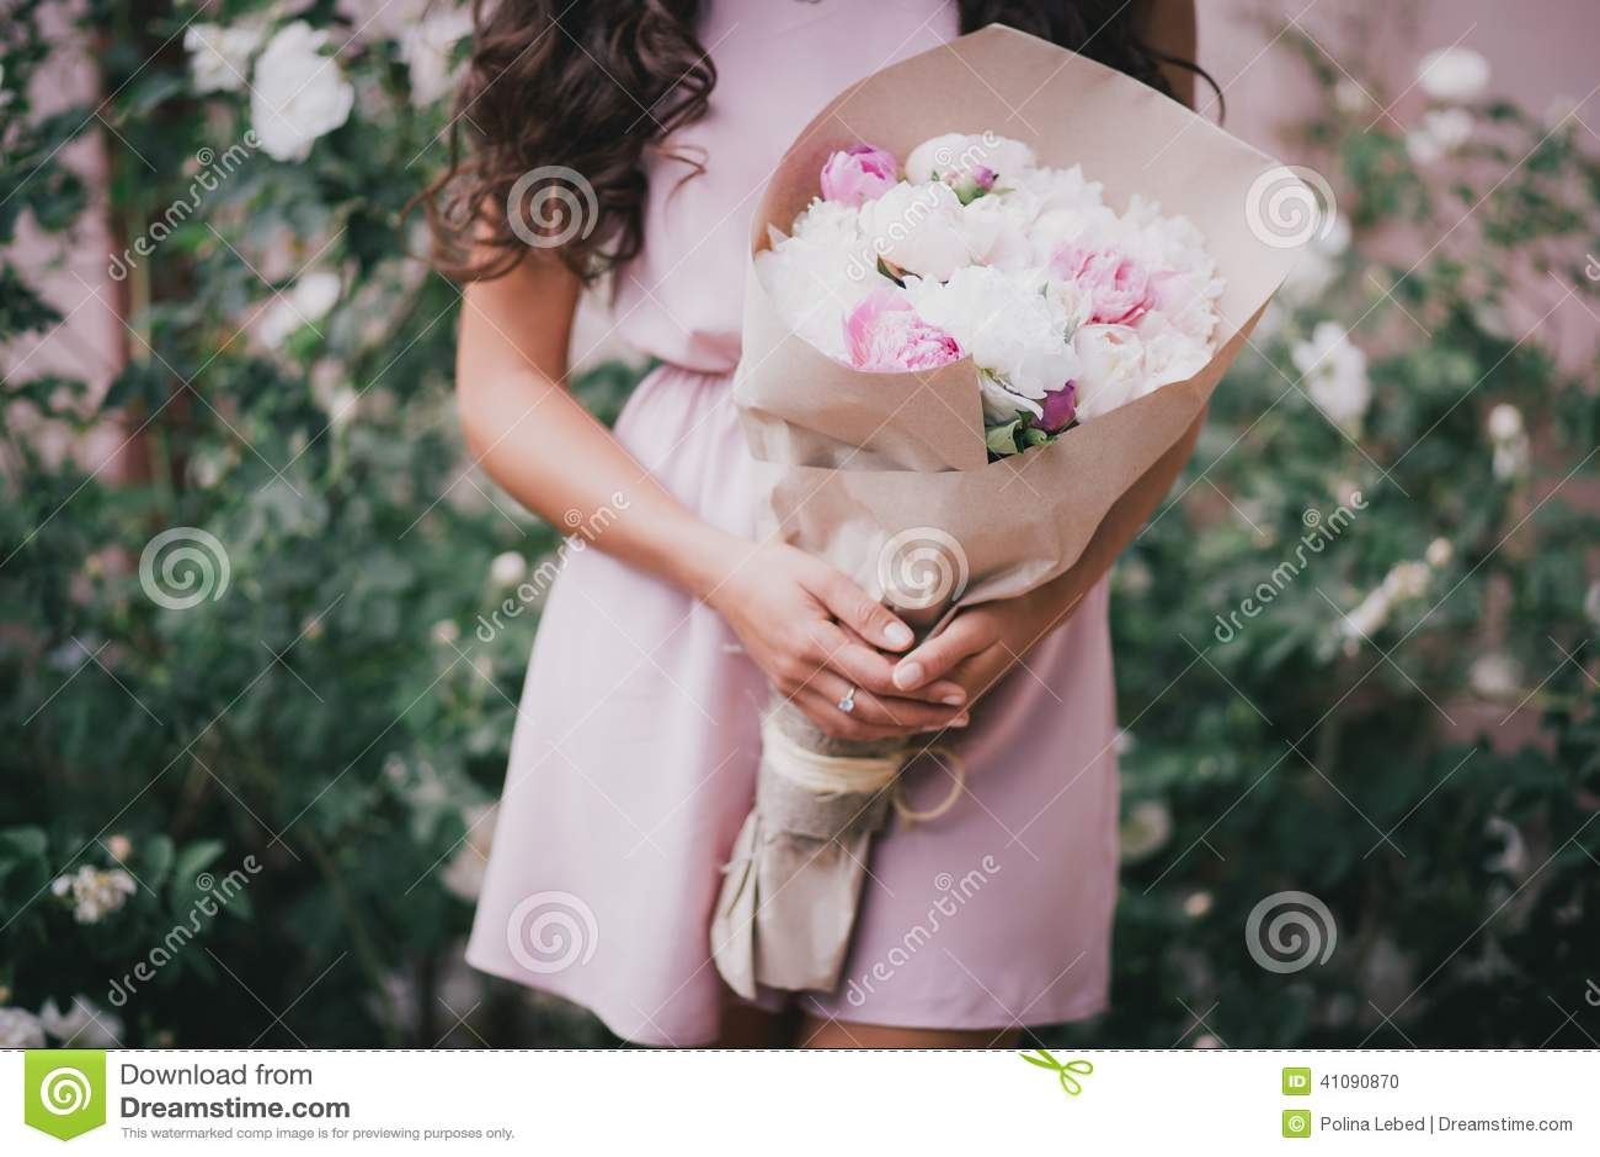 Пионы в руках у девушки фото